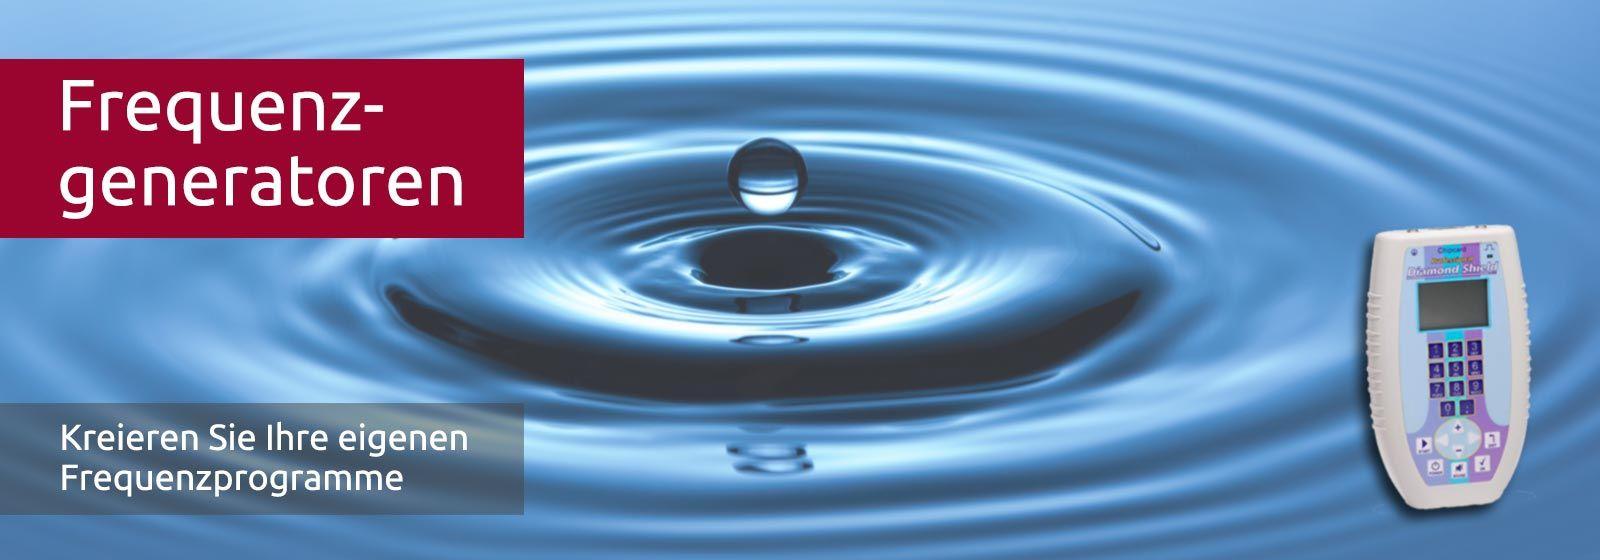 Frequenzgenerator Diamond Shield professional- Ein Tropfen fällt ins Wasser